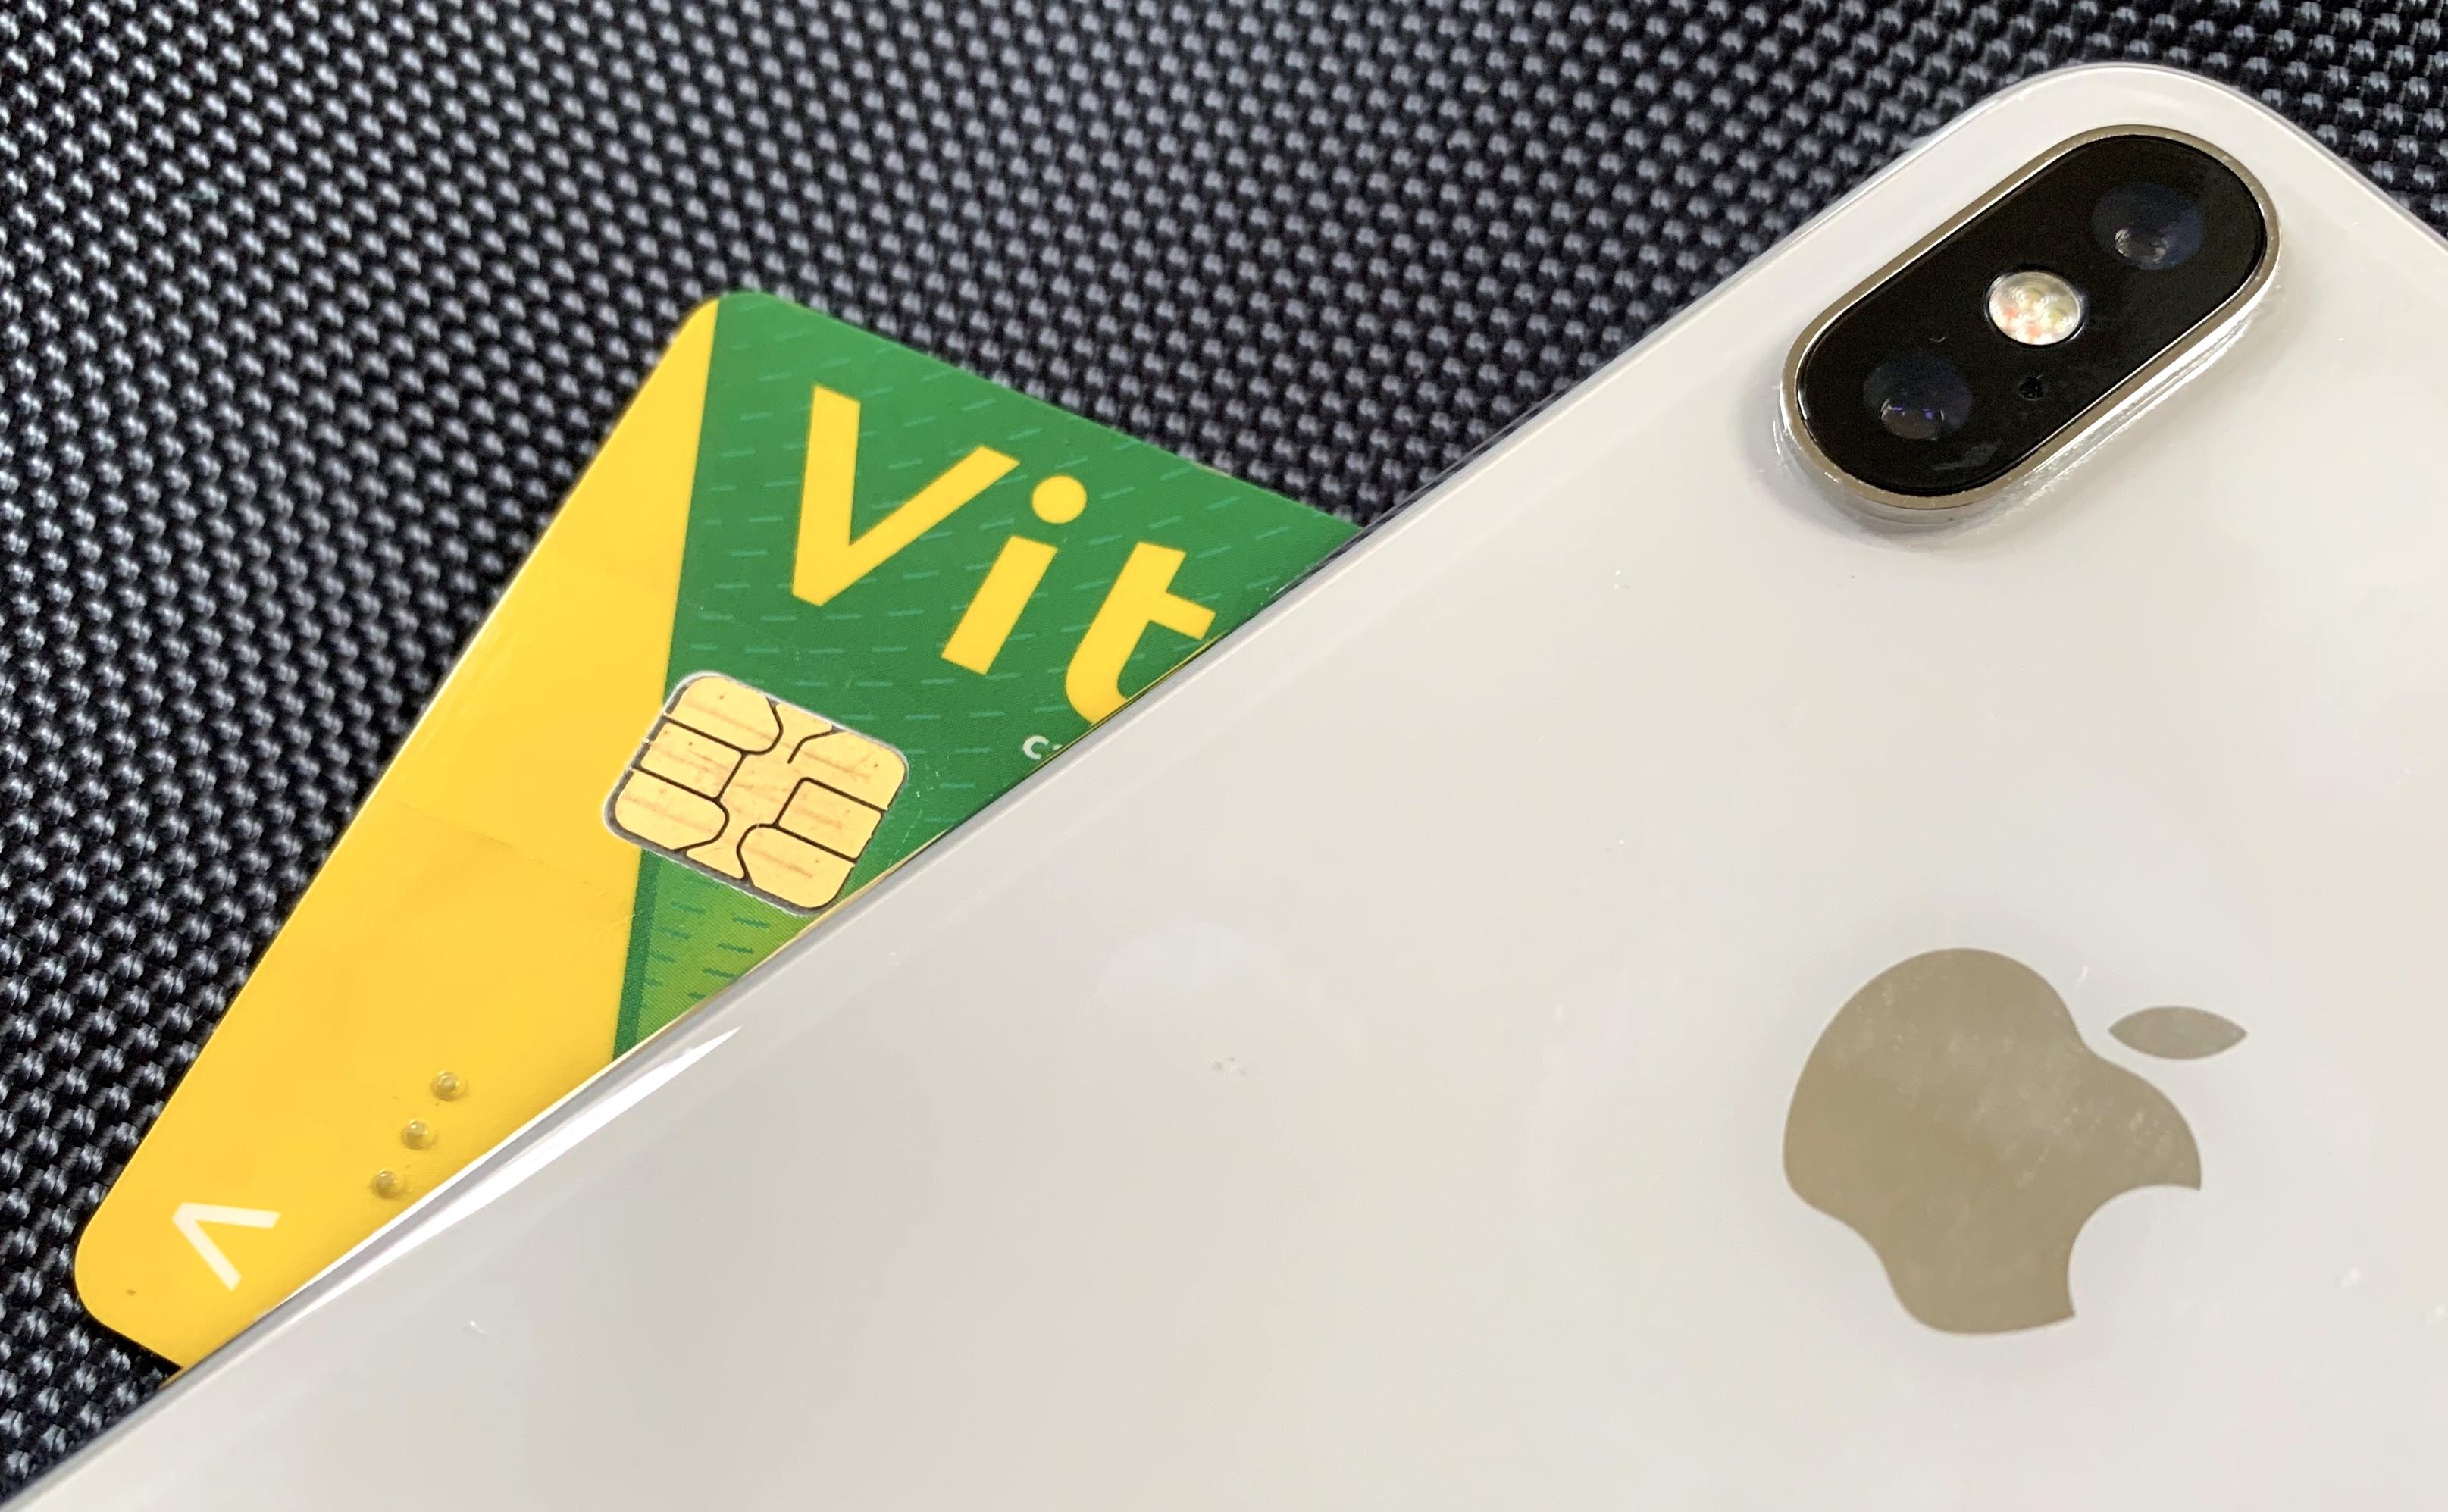 La carte vitale bientôt dématérialisée dans une appli smartphone : apCV en test dès cette année 1